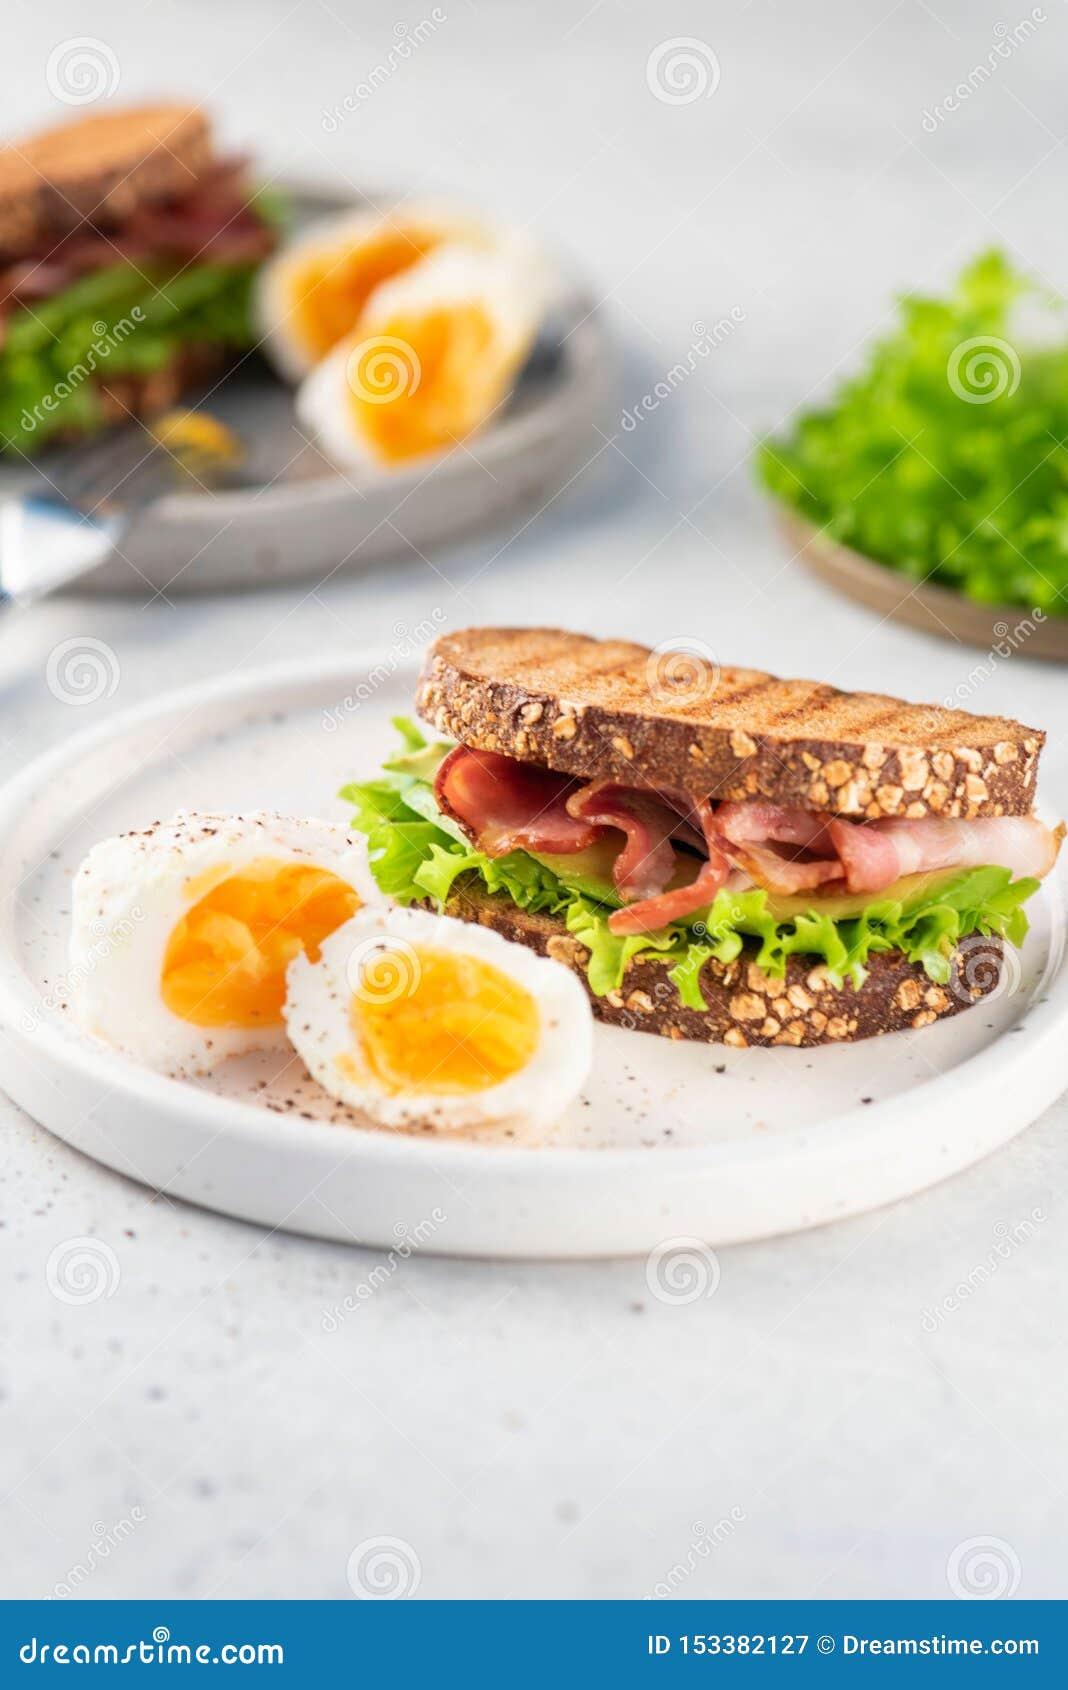 Sandwich avec le lard, pain noir, salade de plat